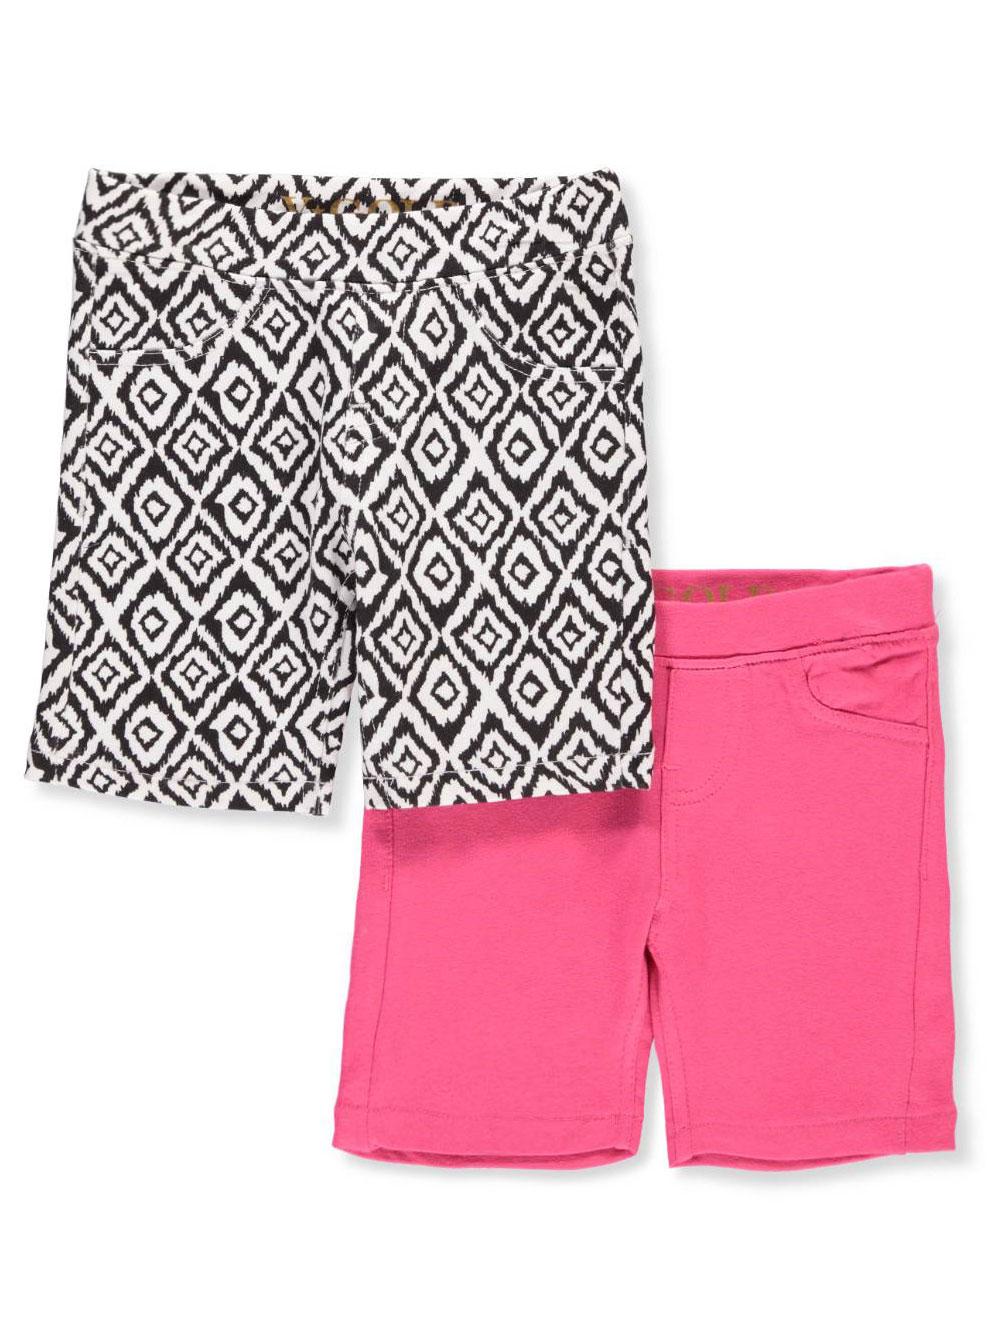 2f8d32d0a54b2 Vigoss Girls' 2-Pack Bermuda Shorts